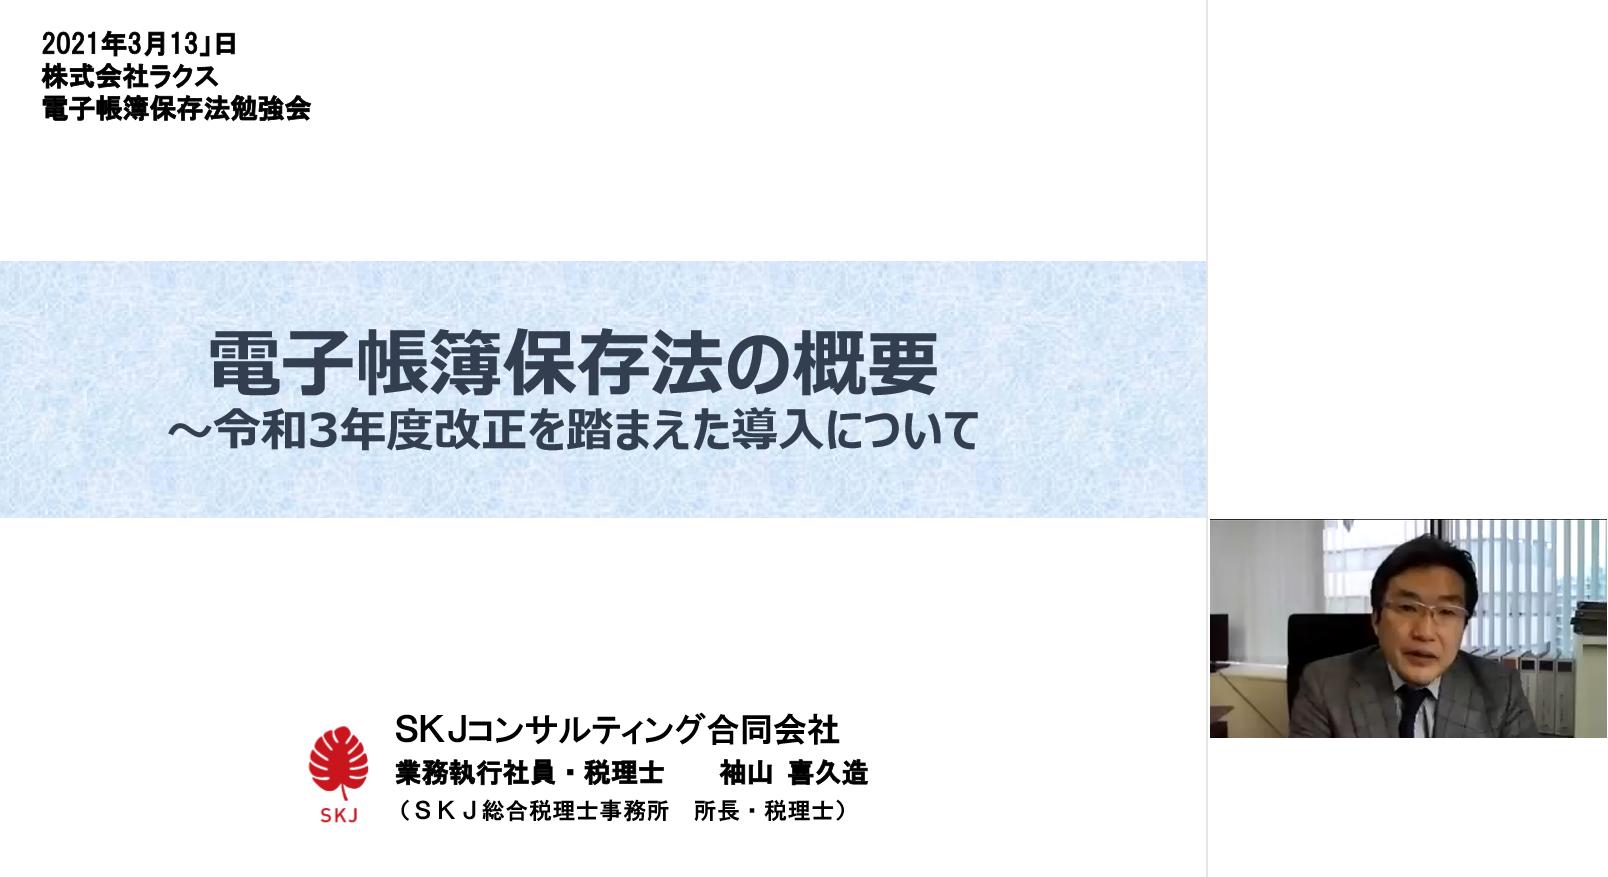 【開催報告】第19回 経理プラス勉強会を開催しました!